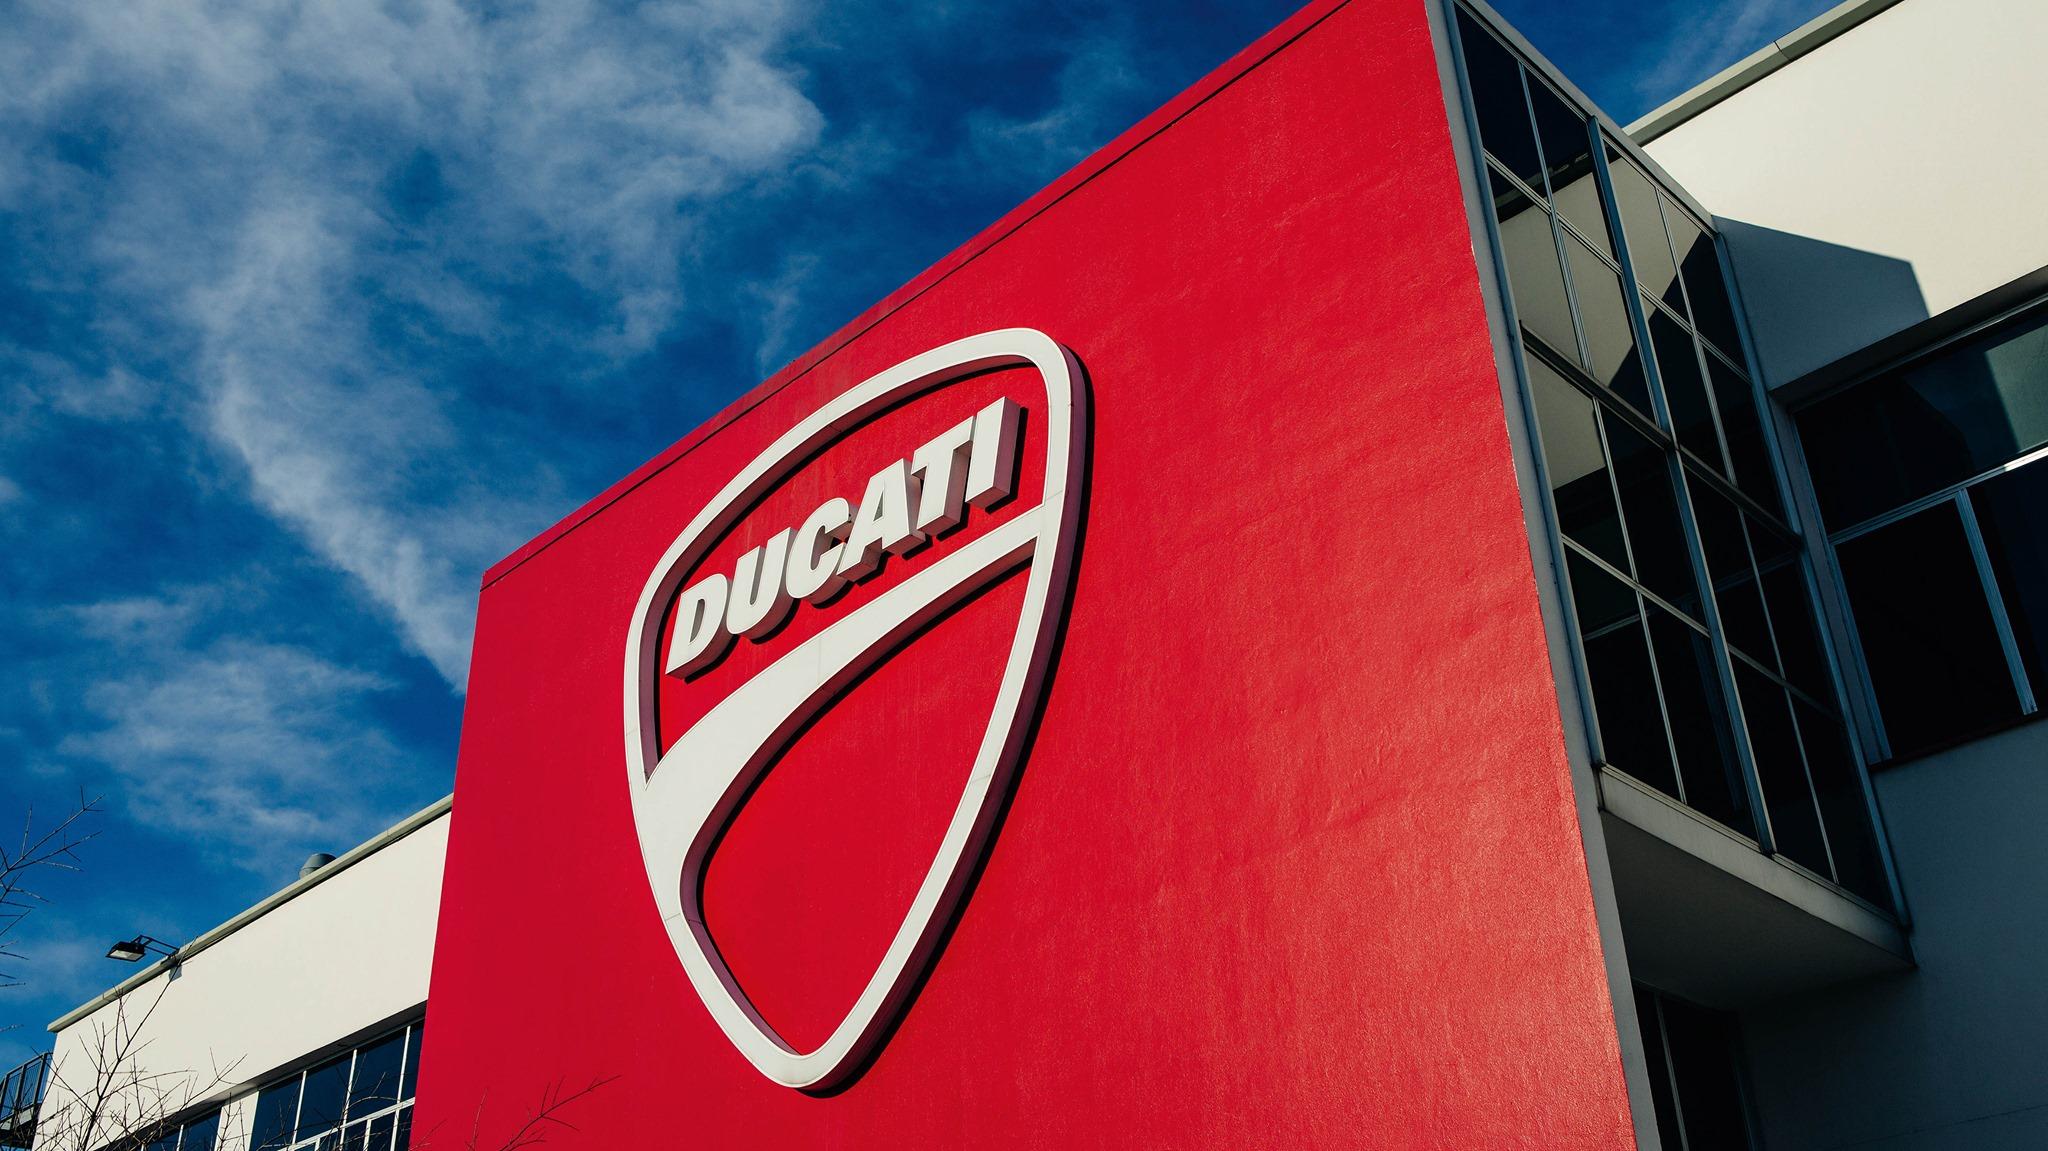 Ducati volta a ligar os seus motores: produção retomada em Borgo Panigale